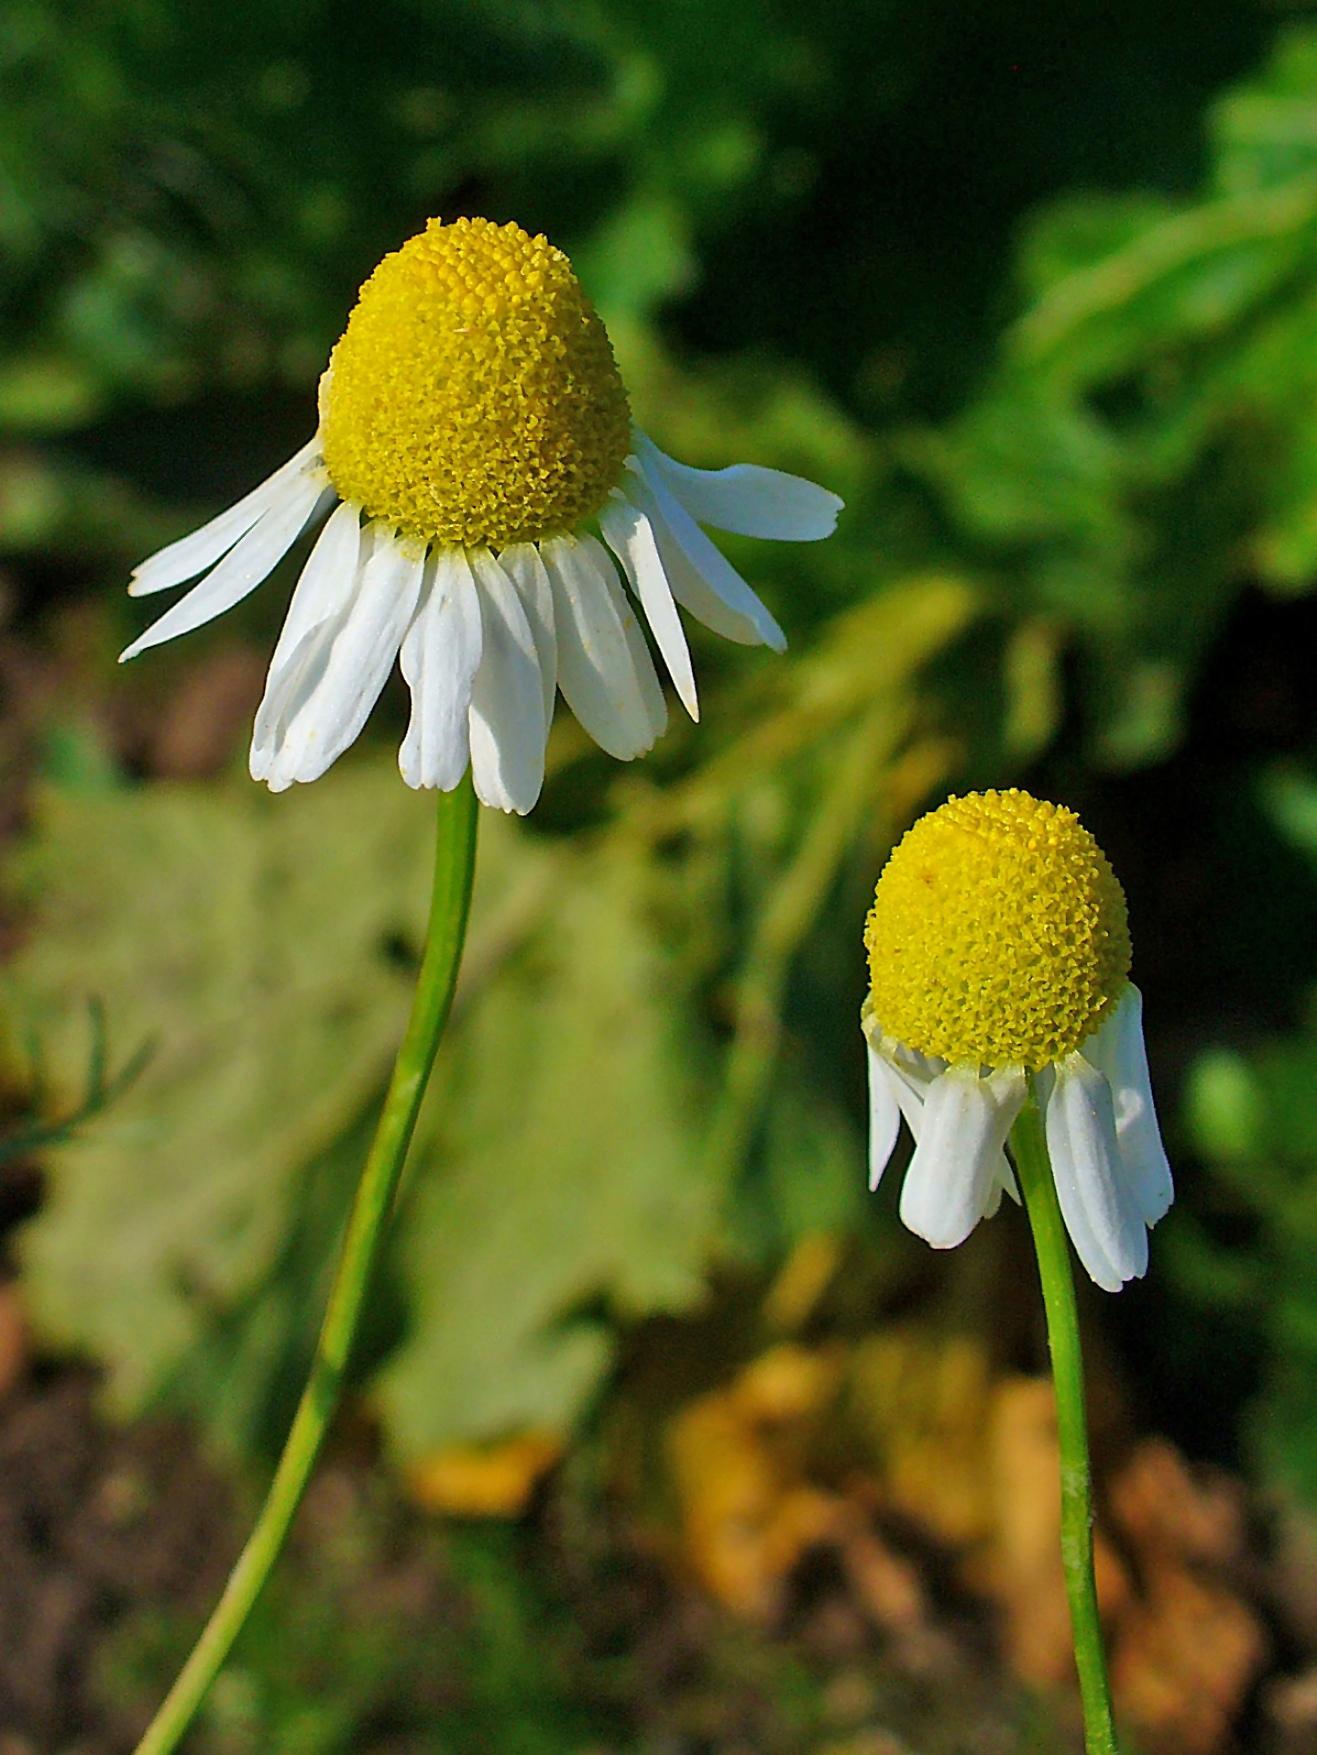 Image of False chamomile